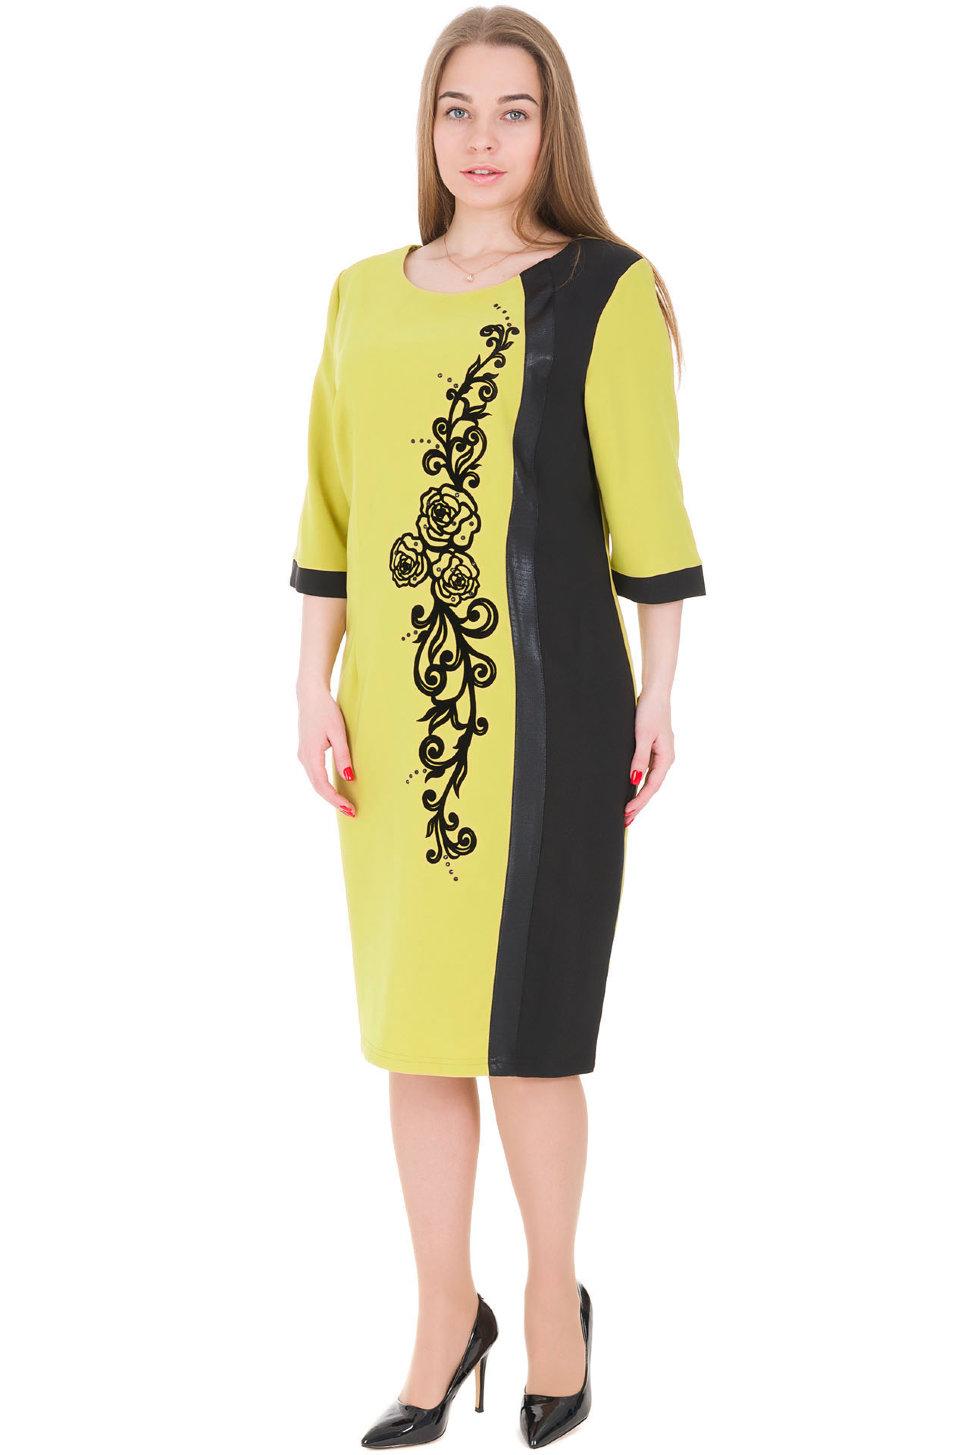 8263253eac7 Купить Платье Alenka Plus 1440-13